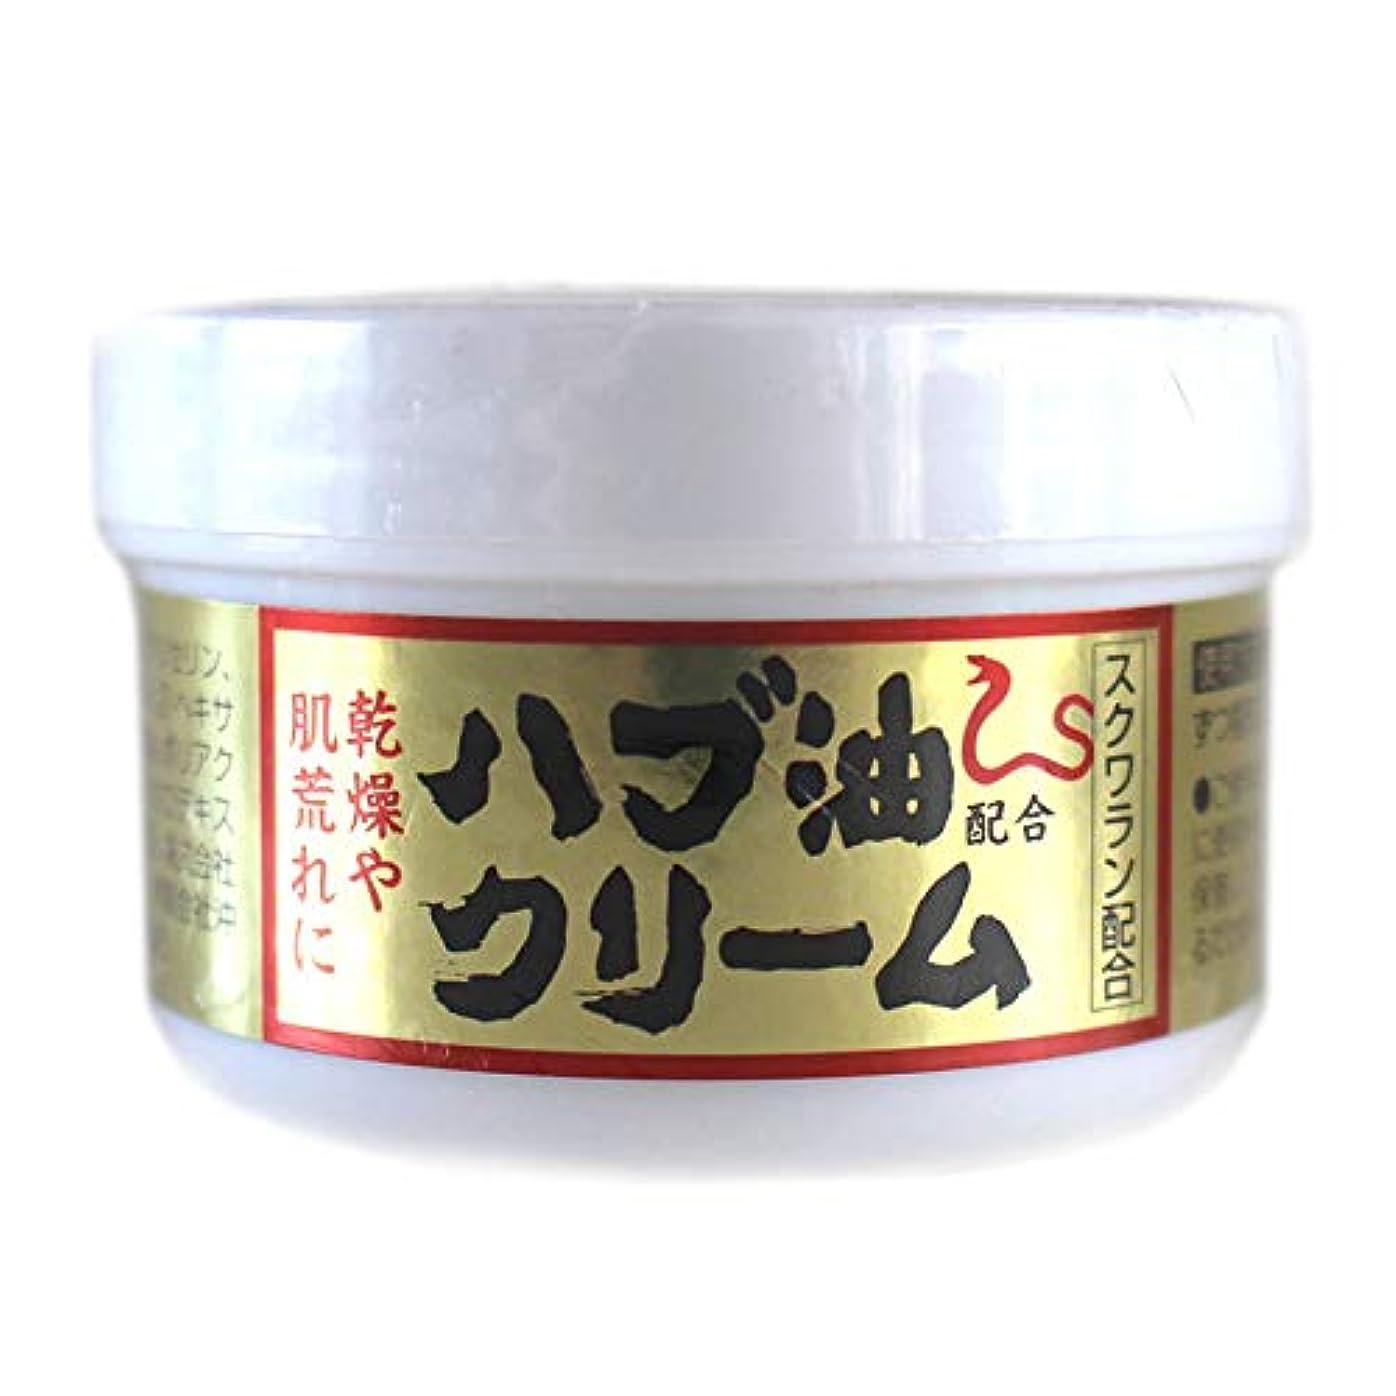 スナップ租界締めるハブ油配合クリーム 3個【1個?50g】